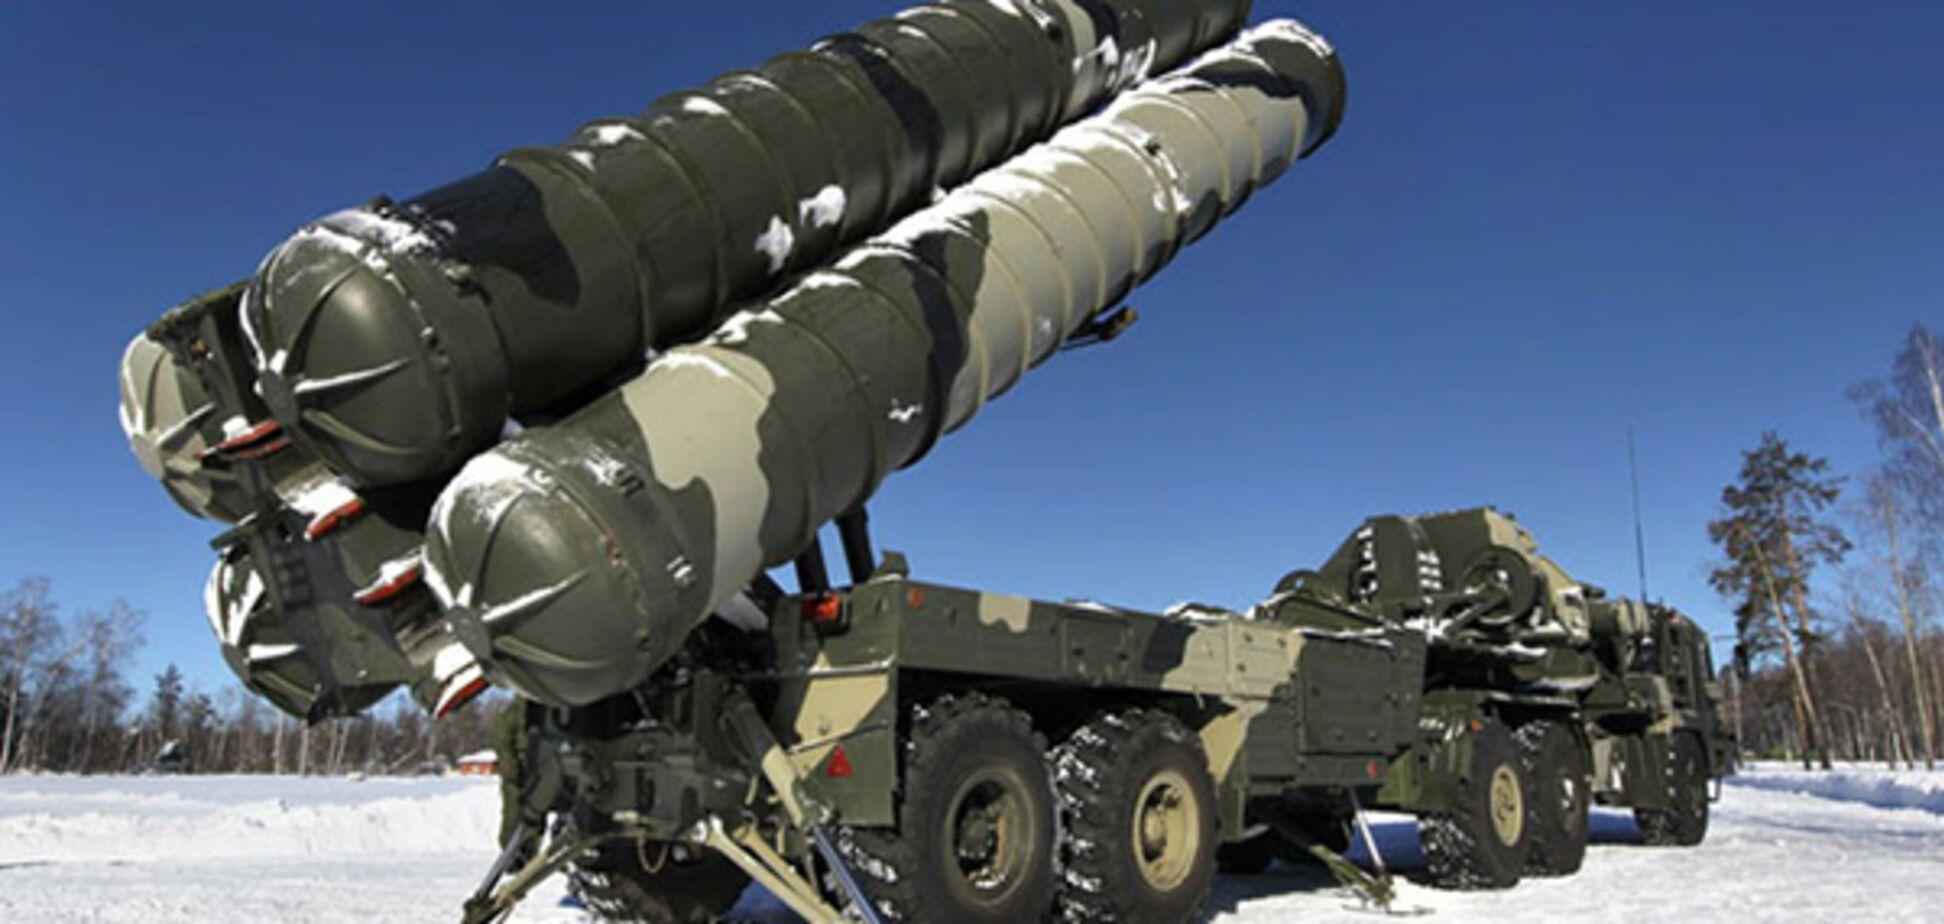 Российский С-400 в Крыму: Украину предупредили о нависшей угрозе